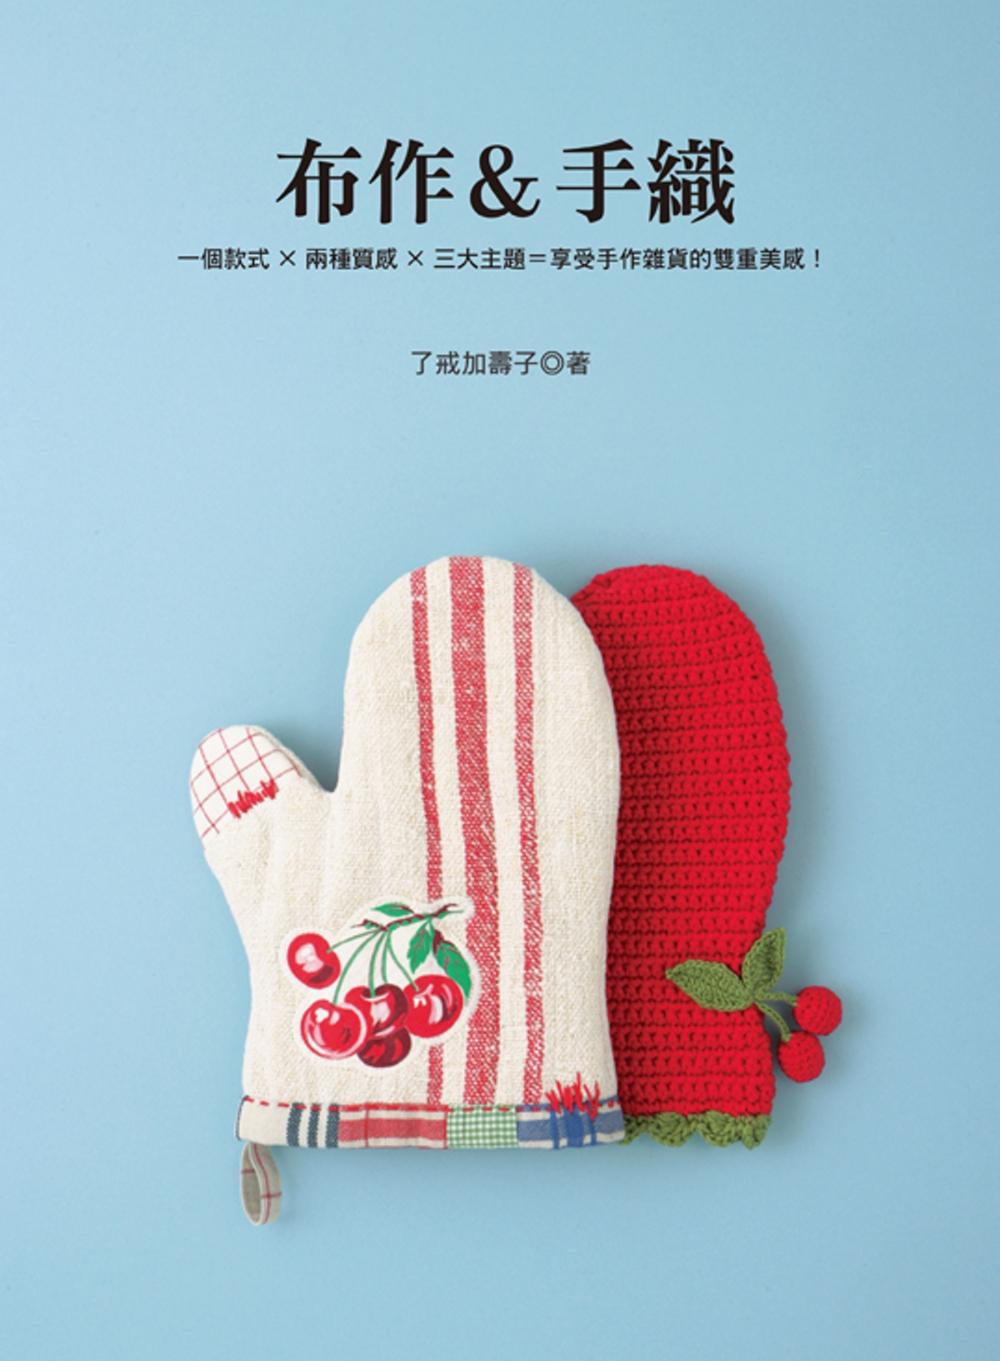 布作 手織:一個款式×兩種 ×三大主題 享受手作雜貨的雙重美感^!